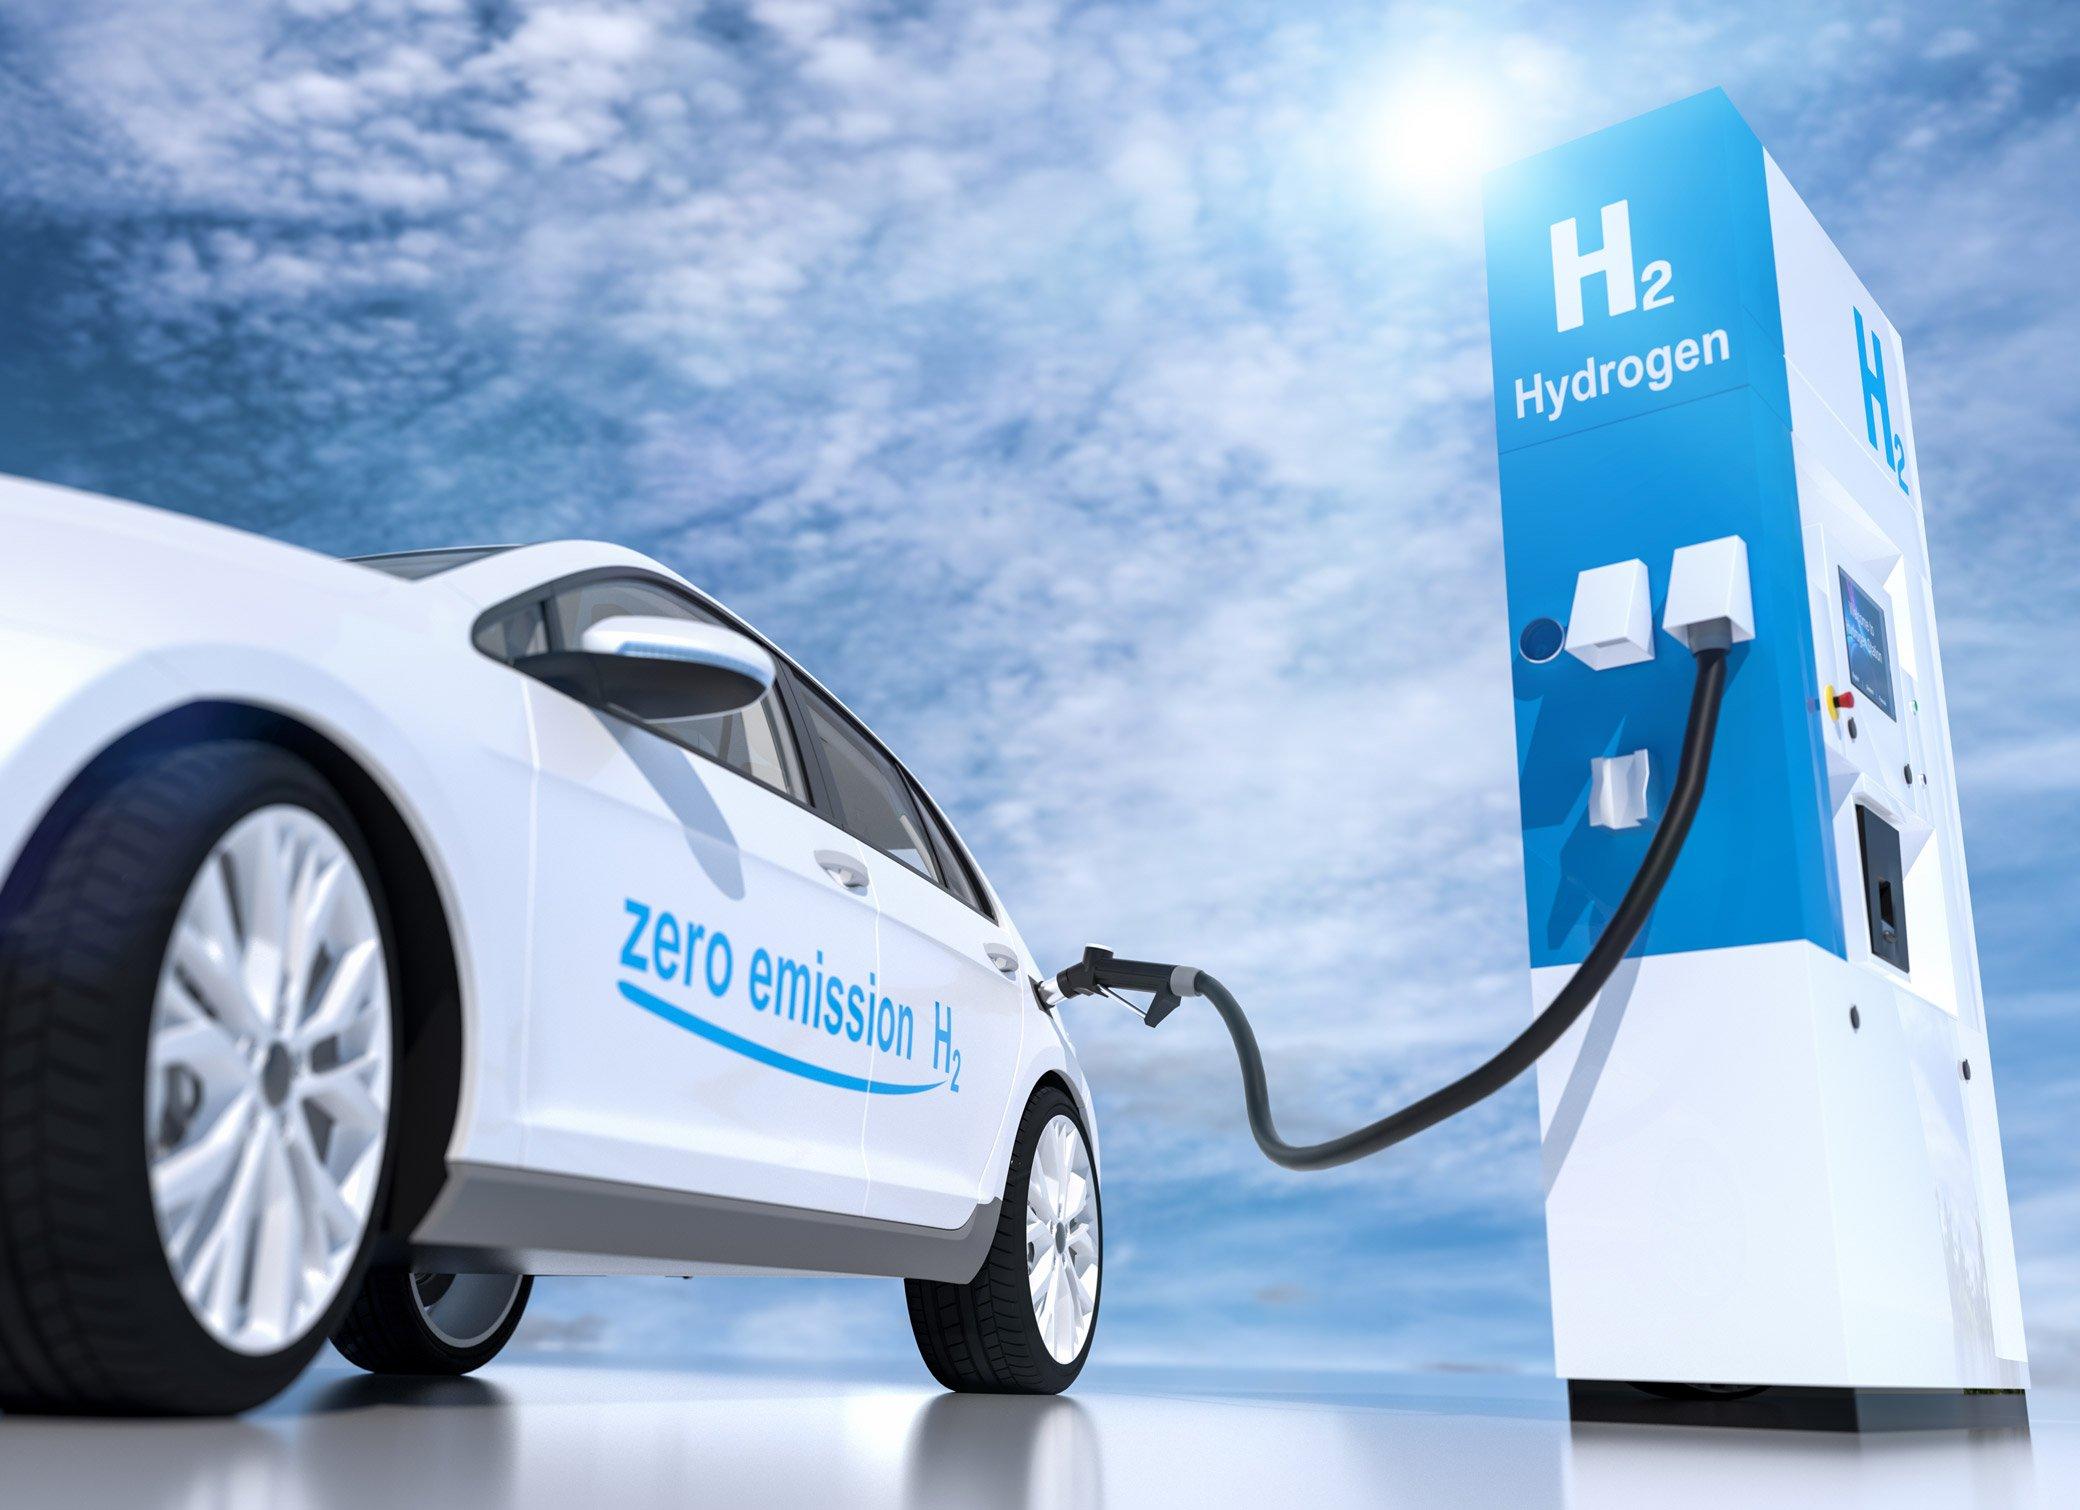 Учёные придумали, как безопасно хранить водород в автомобилях